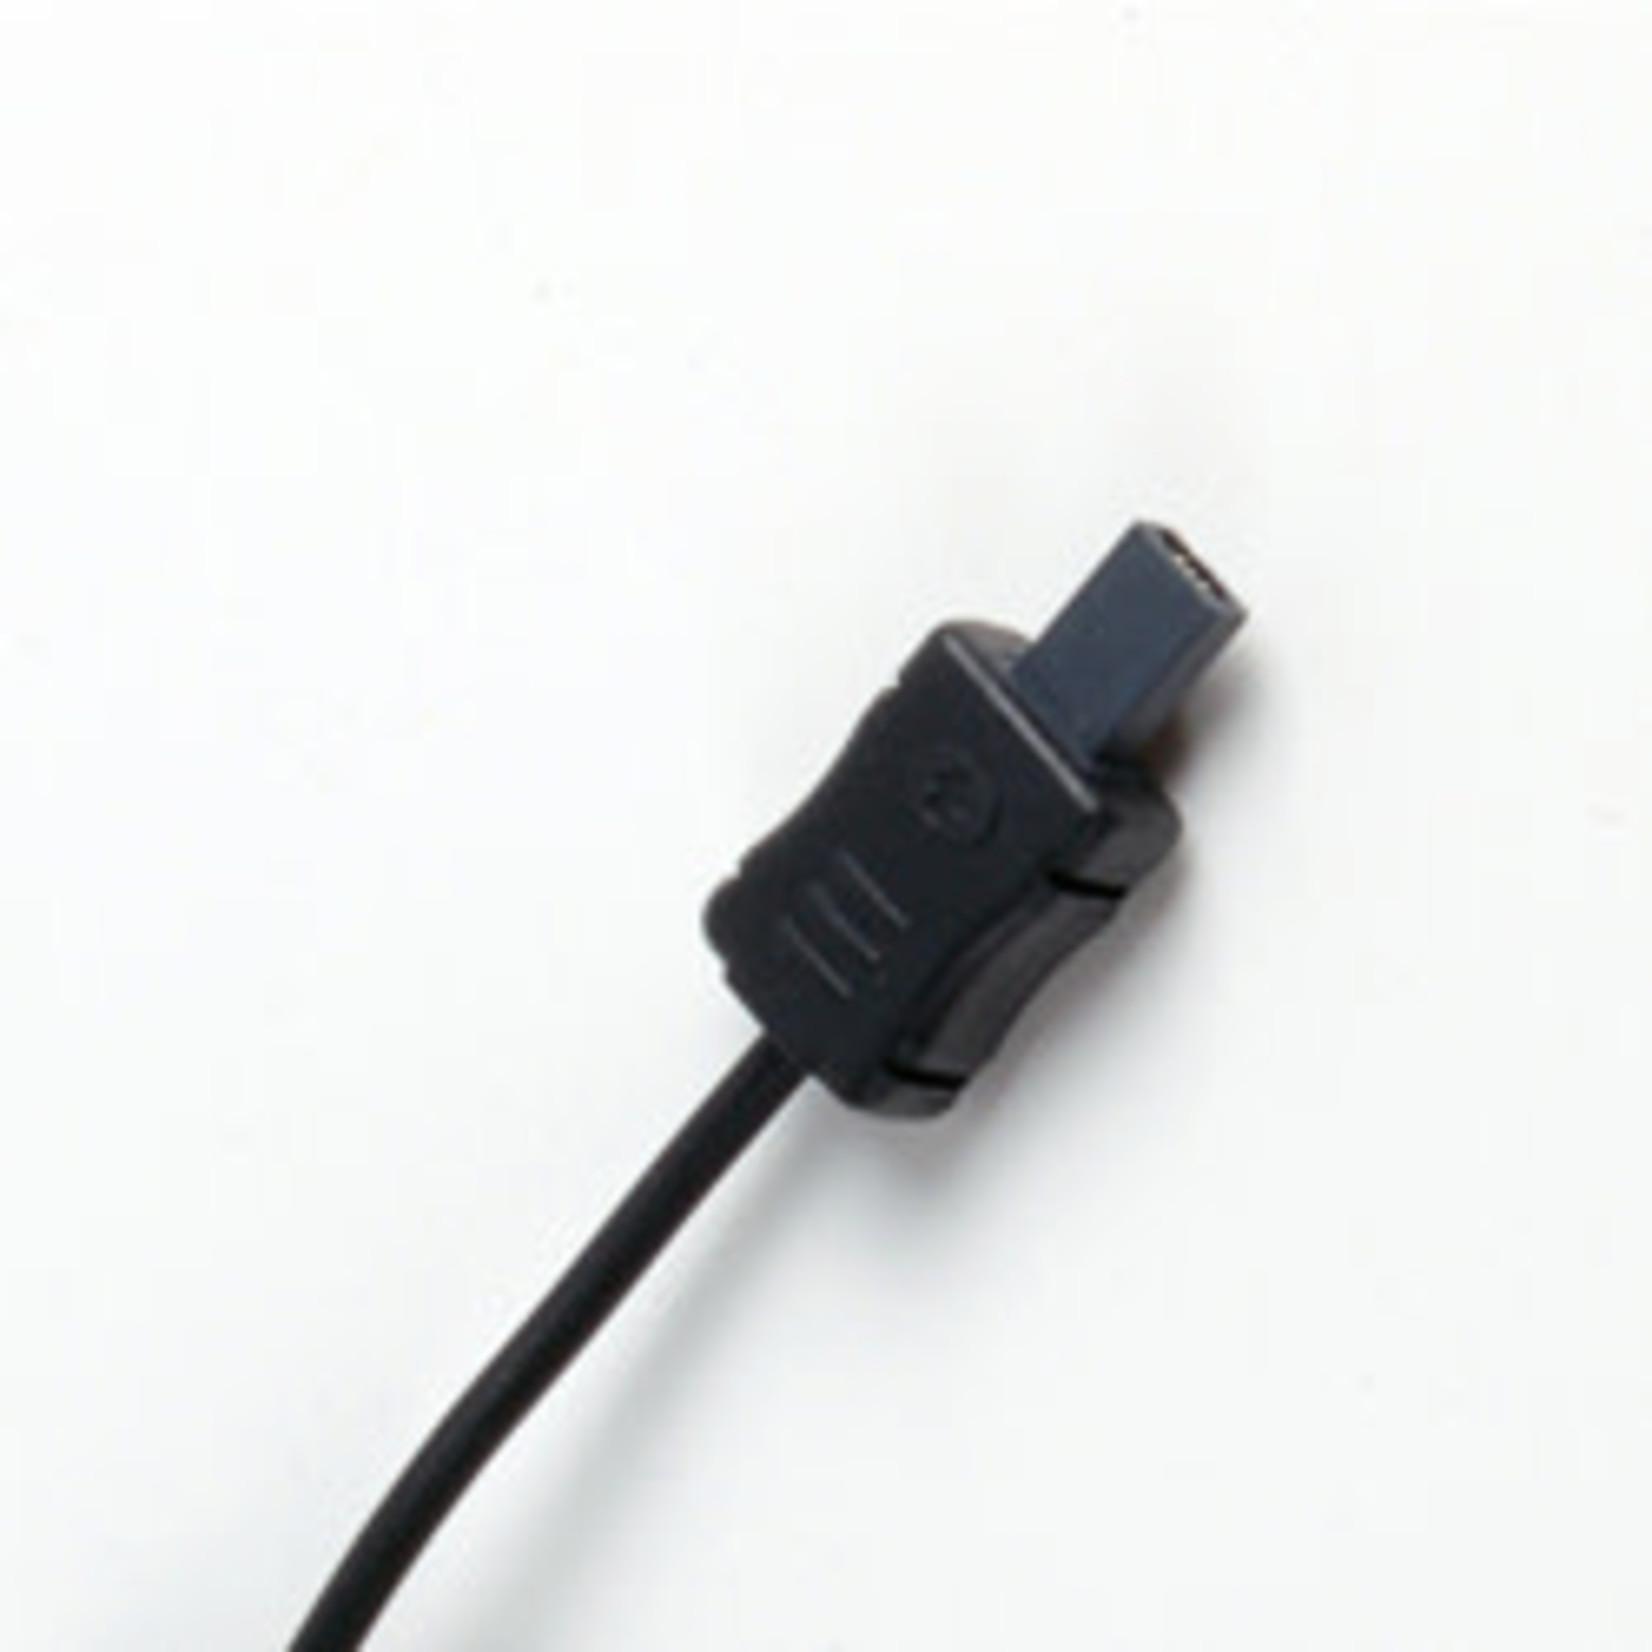 ProMaster Camera Release Cable - Nikon DC2